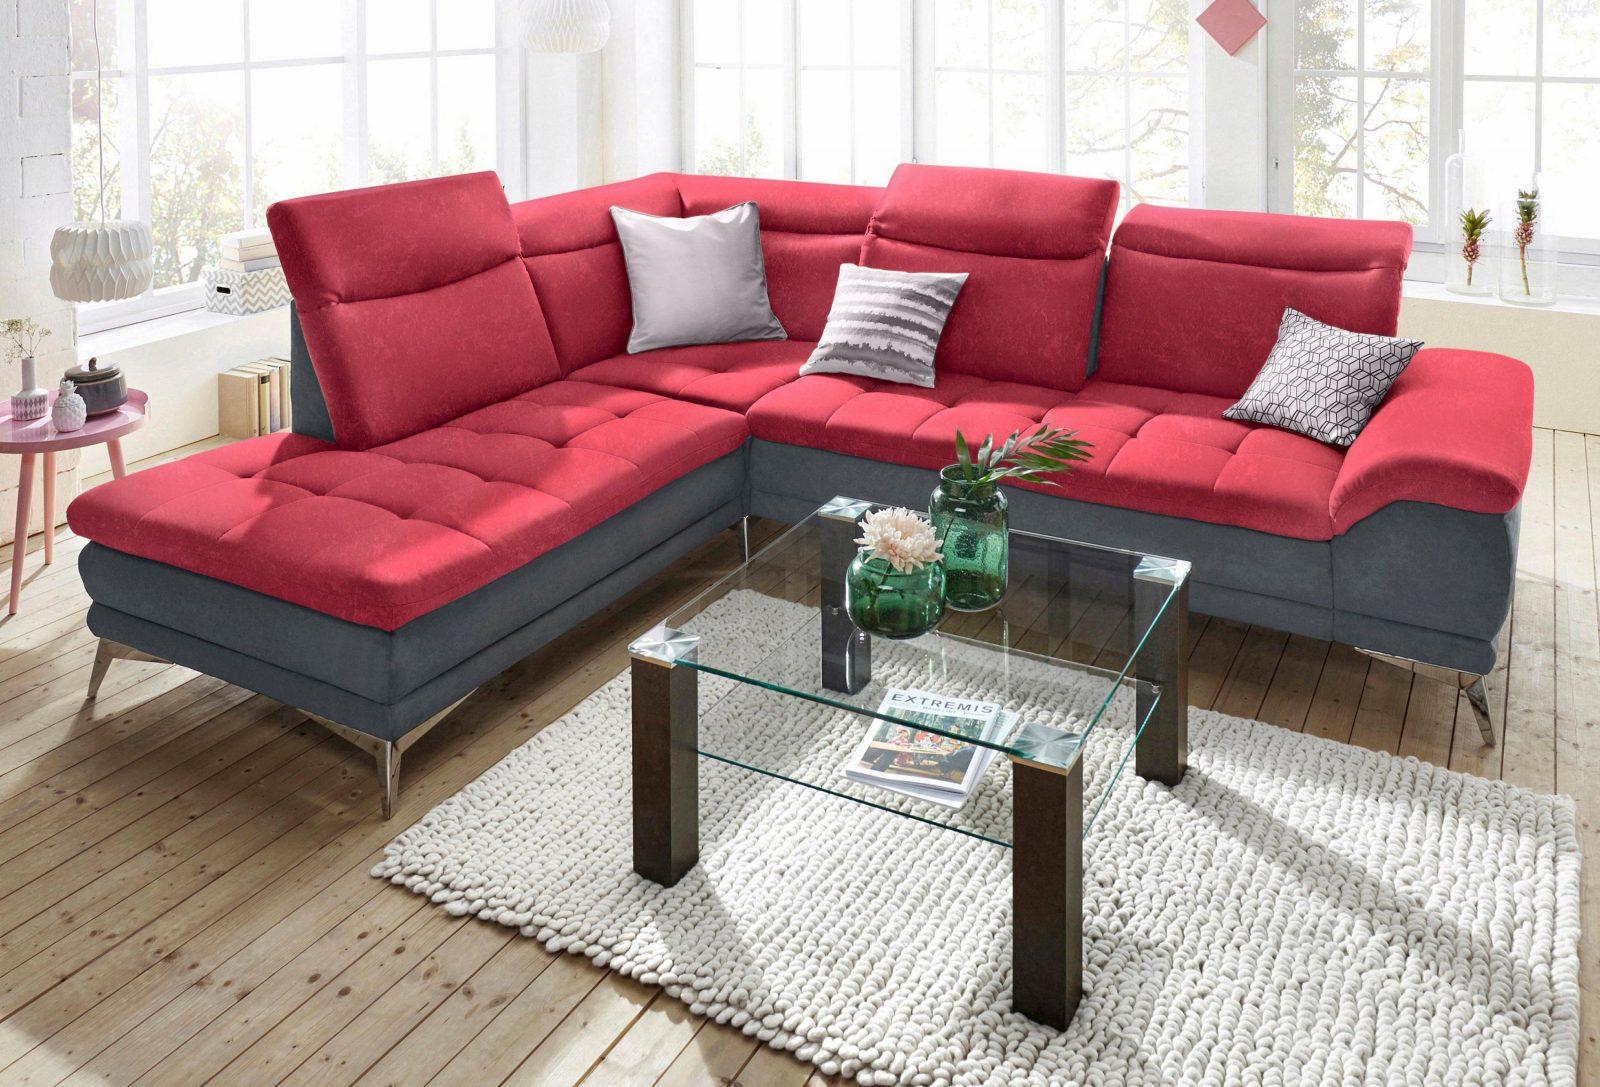 Sit&more Polsterecke Mit Sitztiefenverstellung Bestellen  Baur von Sit & More Polsterecke Bild